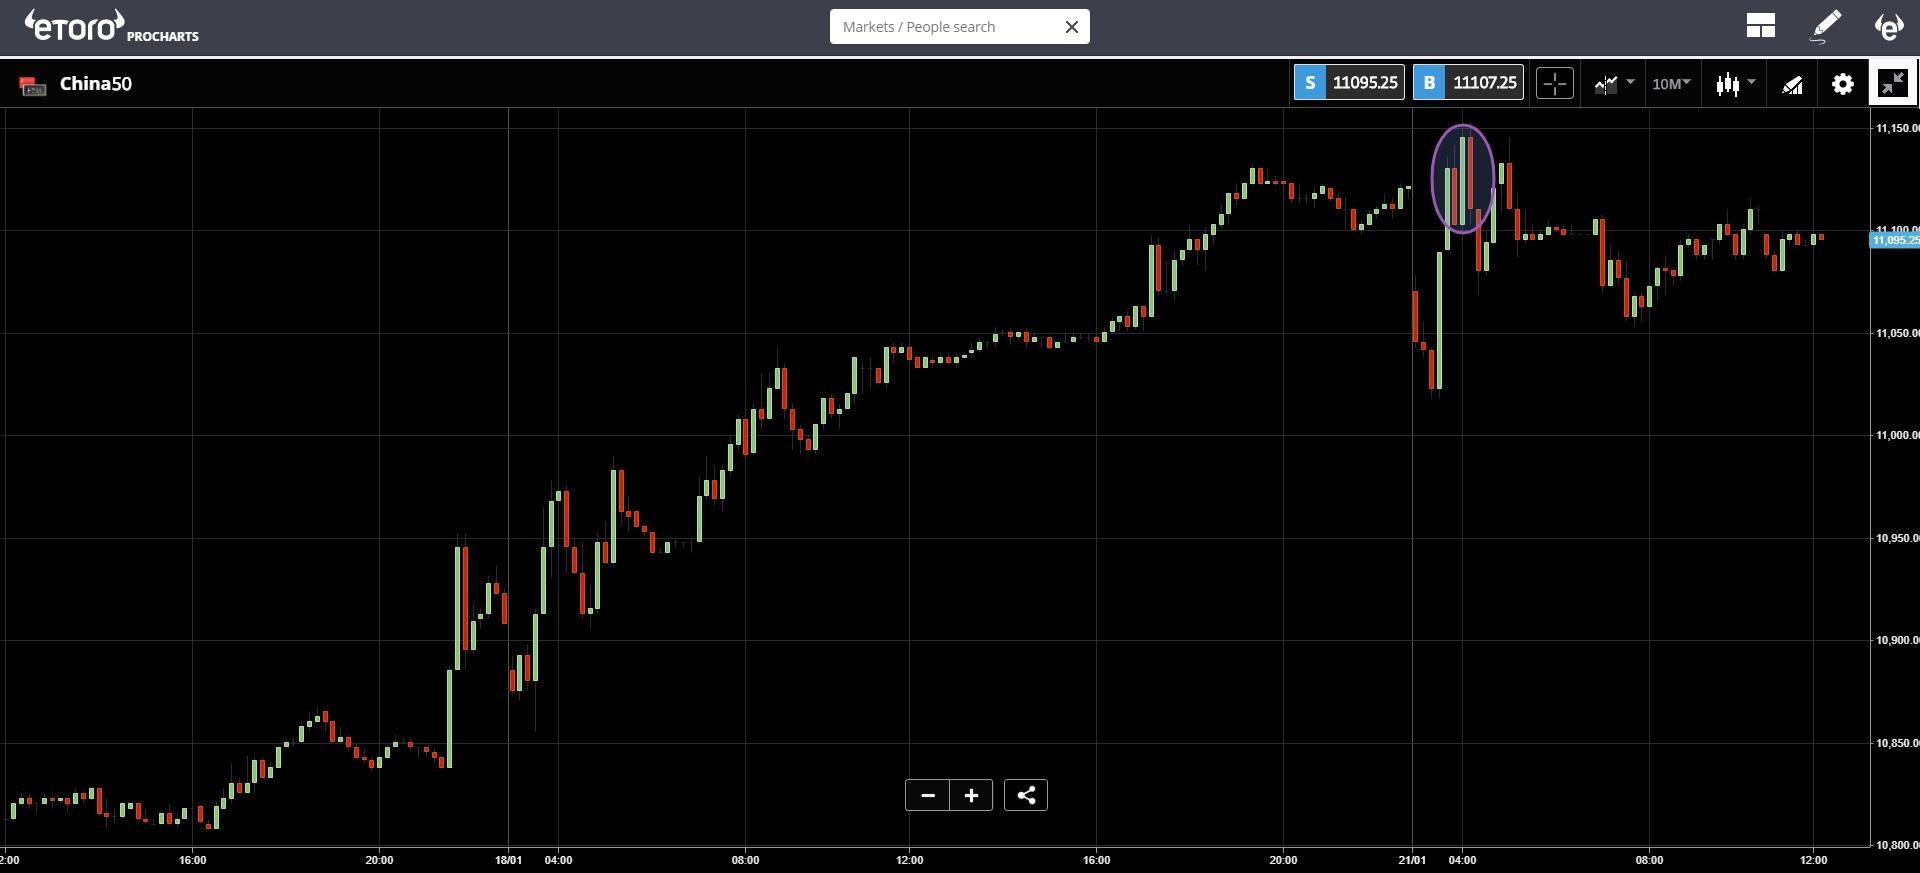 crypto, bitcoin, hollywood, trading, markets, ethereum, US, blockchain